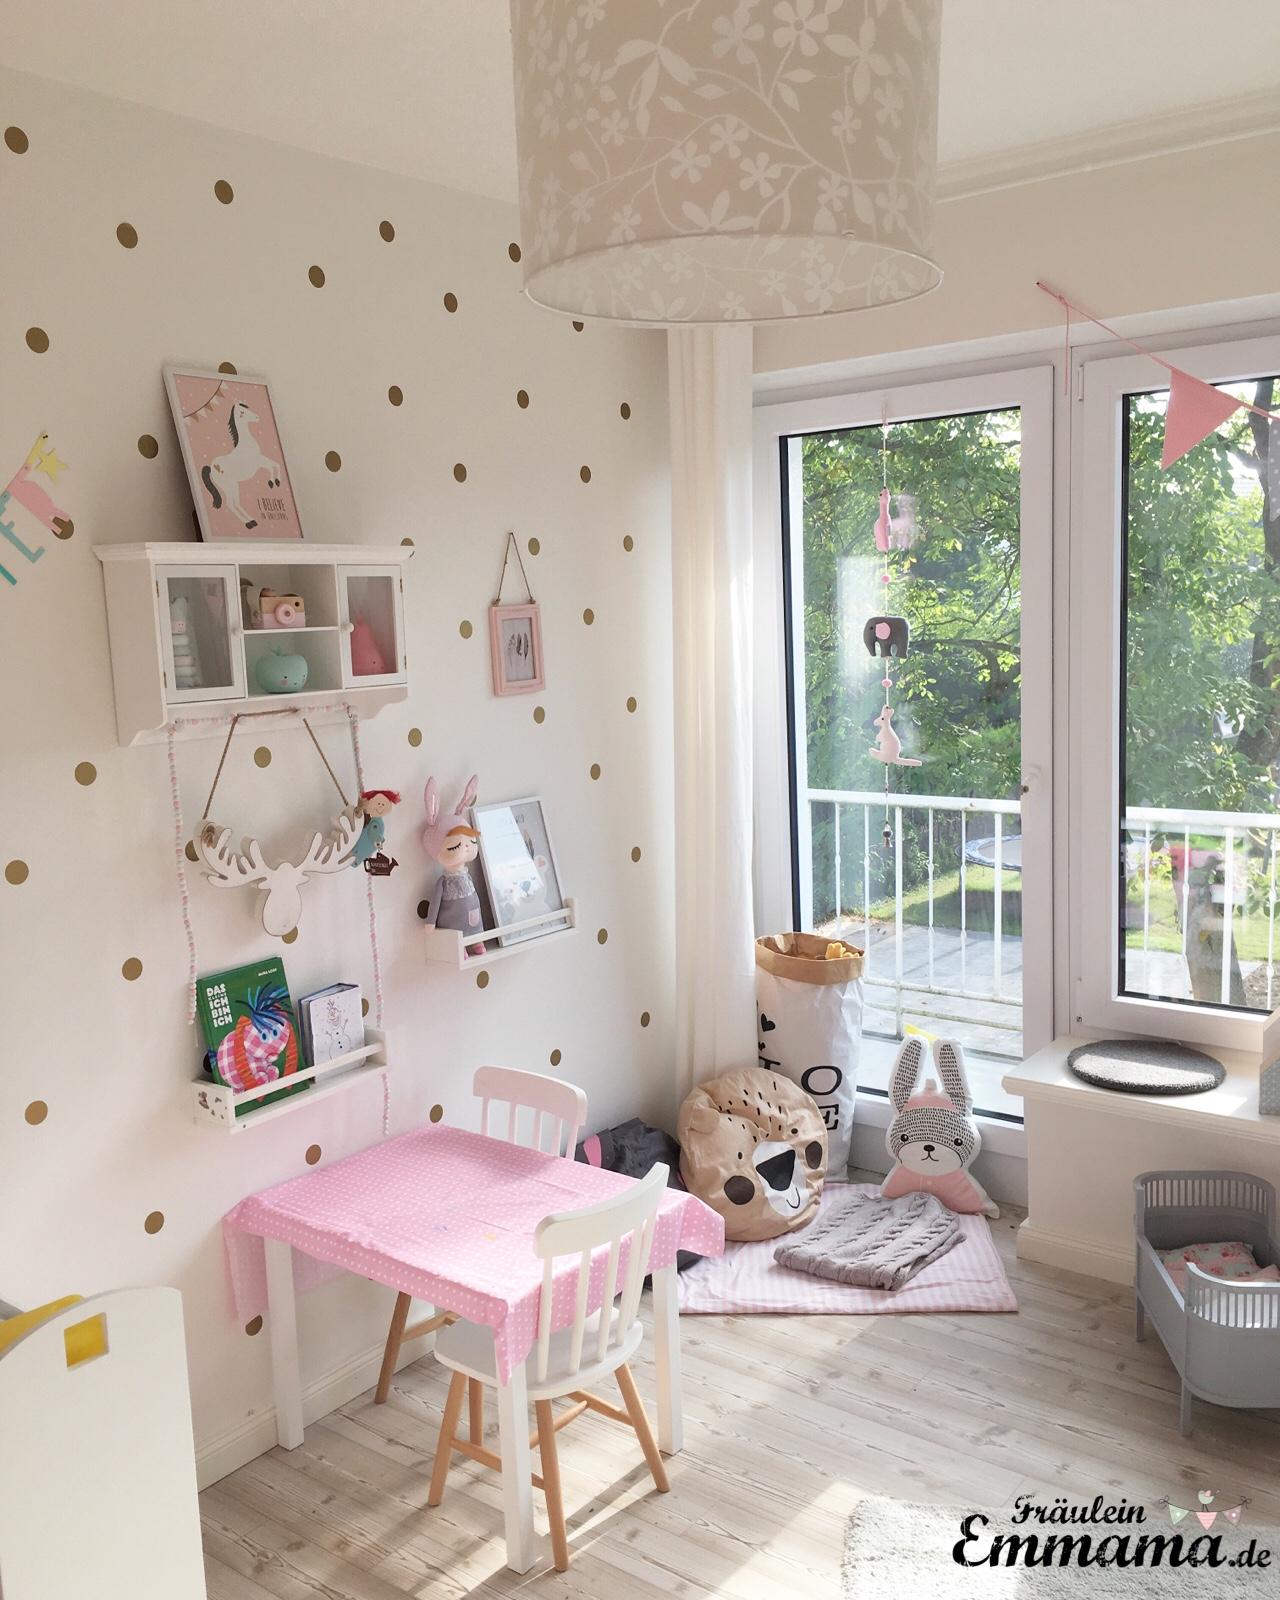 ordnung halten 5 tipps zum organisierten haushalt fr ulein emmama. Black Bedroom Furniture Sets. Home Design Ideas